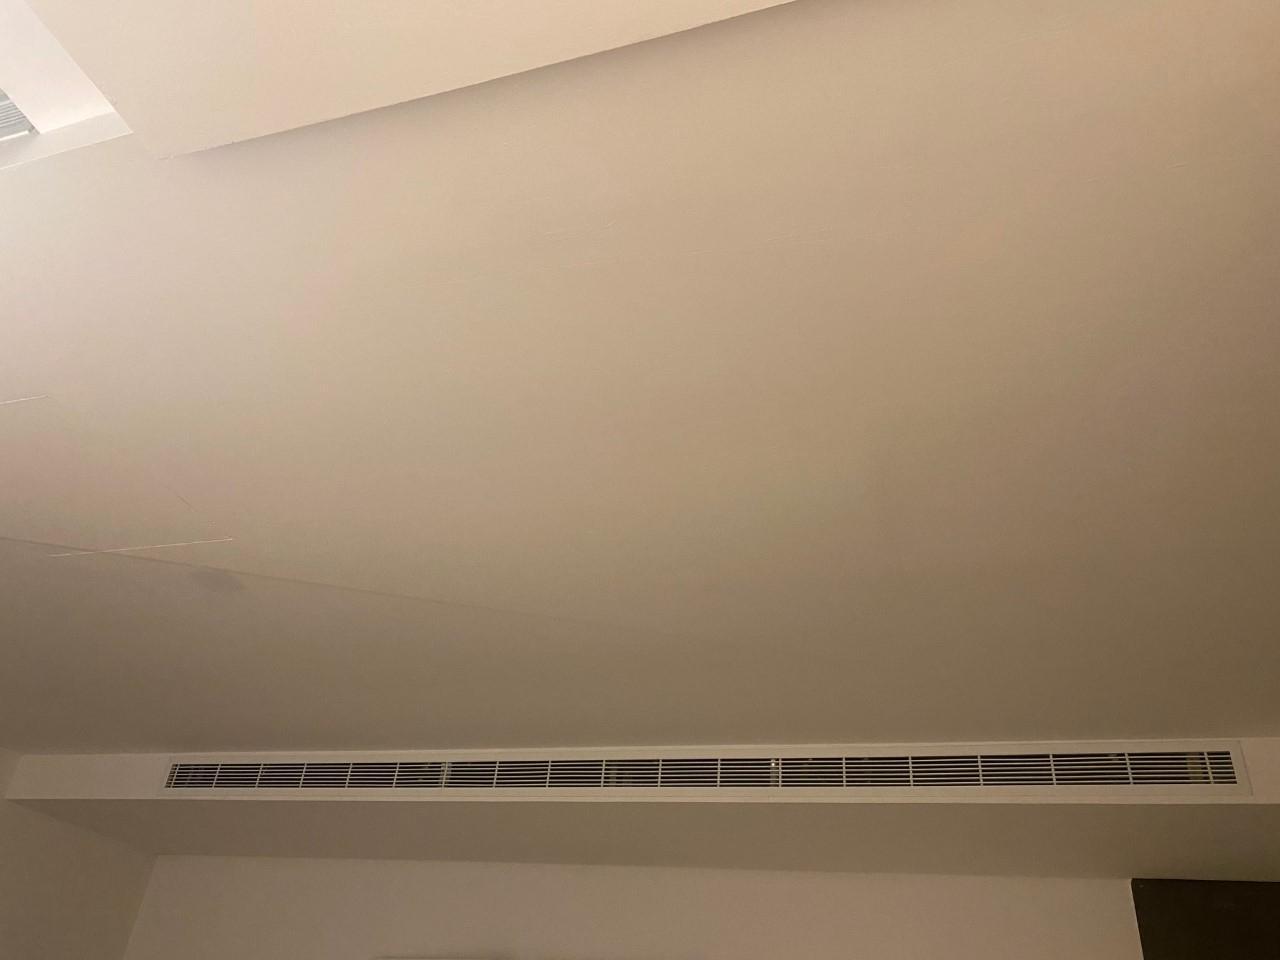 رد: لاهل الخبرة هل استطيع تحويل المكيف الاسبلت الجداري إلى مكيف دكت مخفي